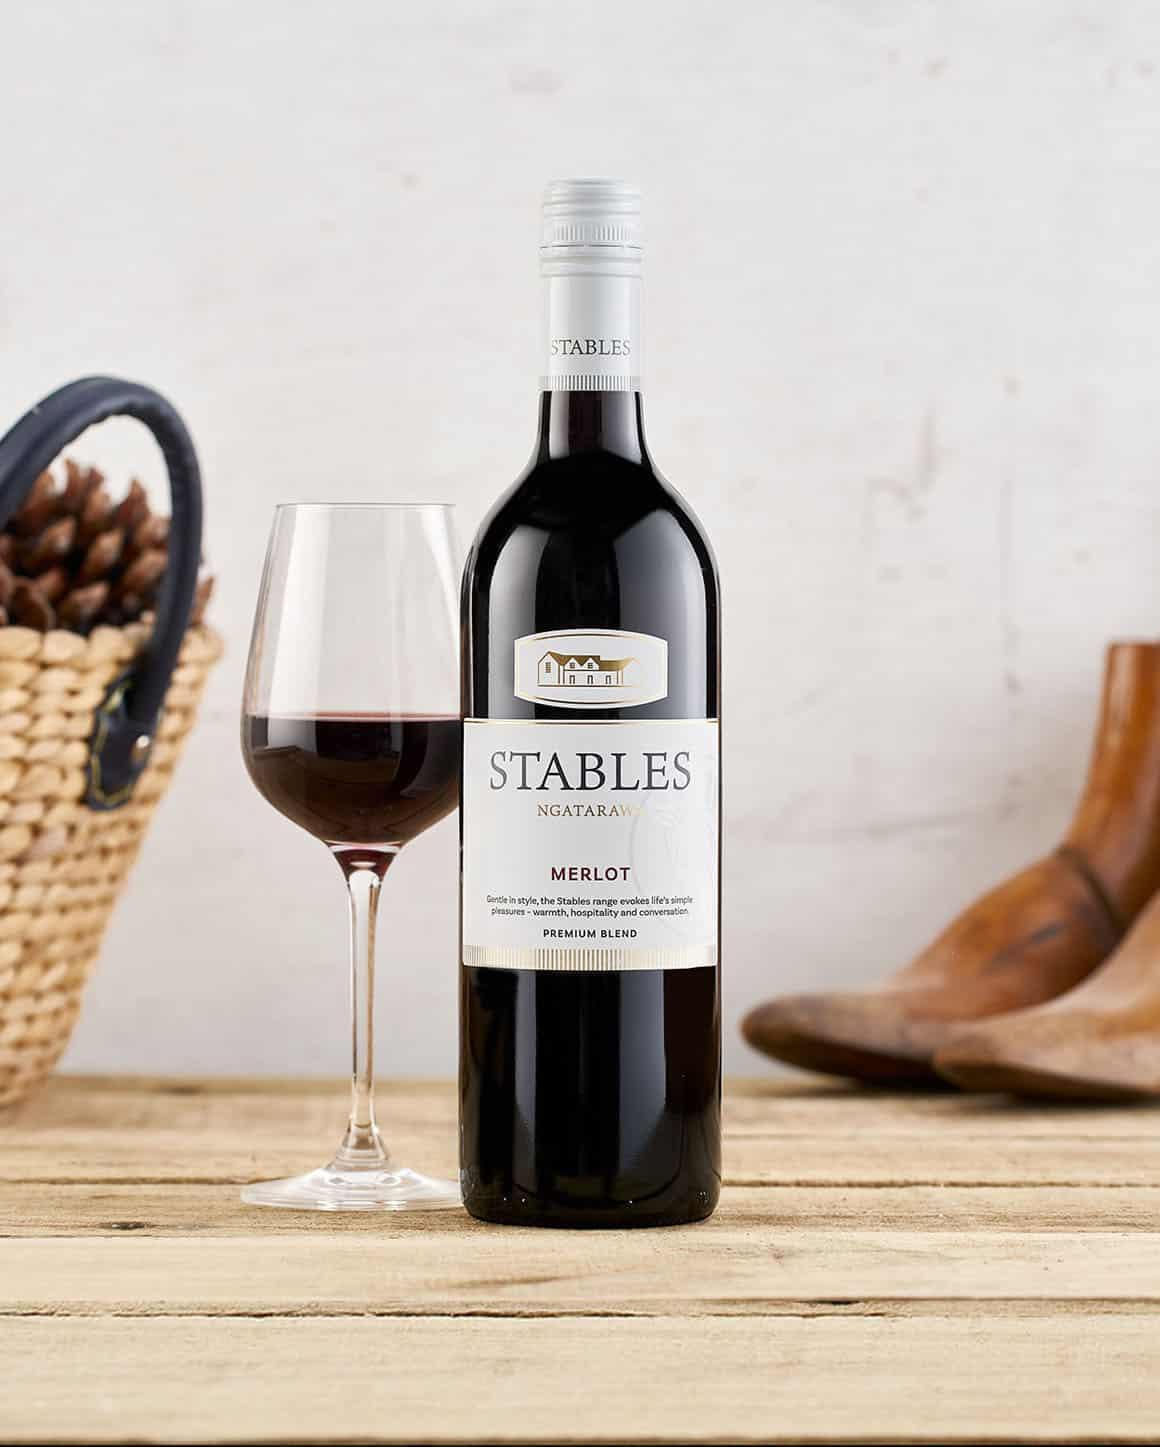 Stables Premium Merlot